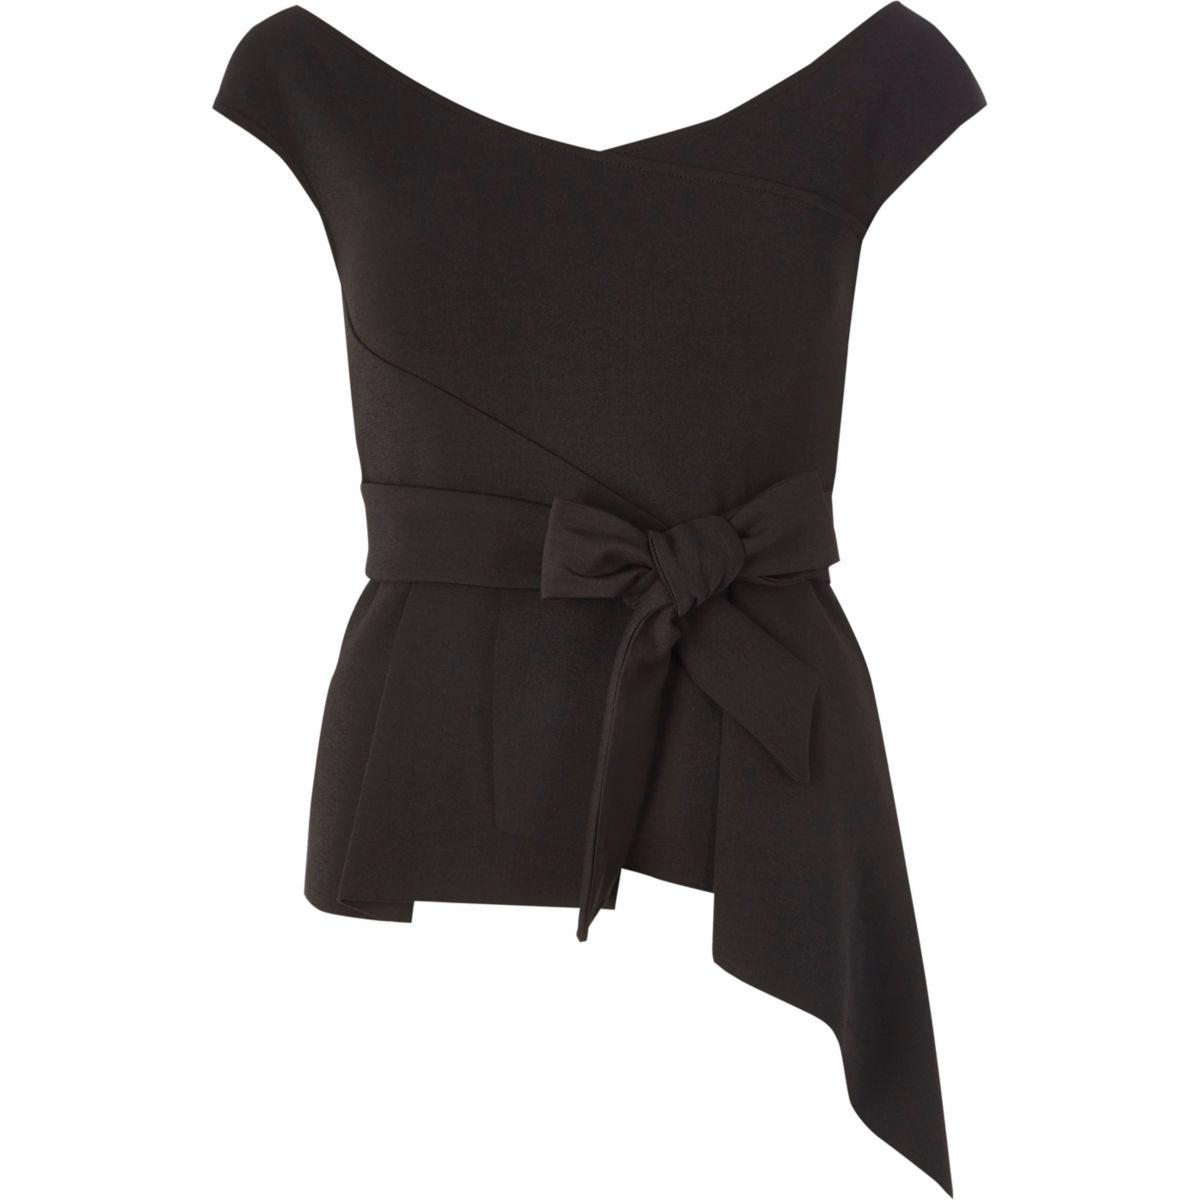 Schwarzes Bardot-Oberteil mit Schößchen